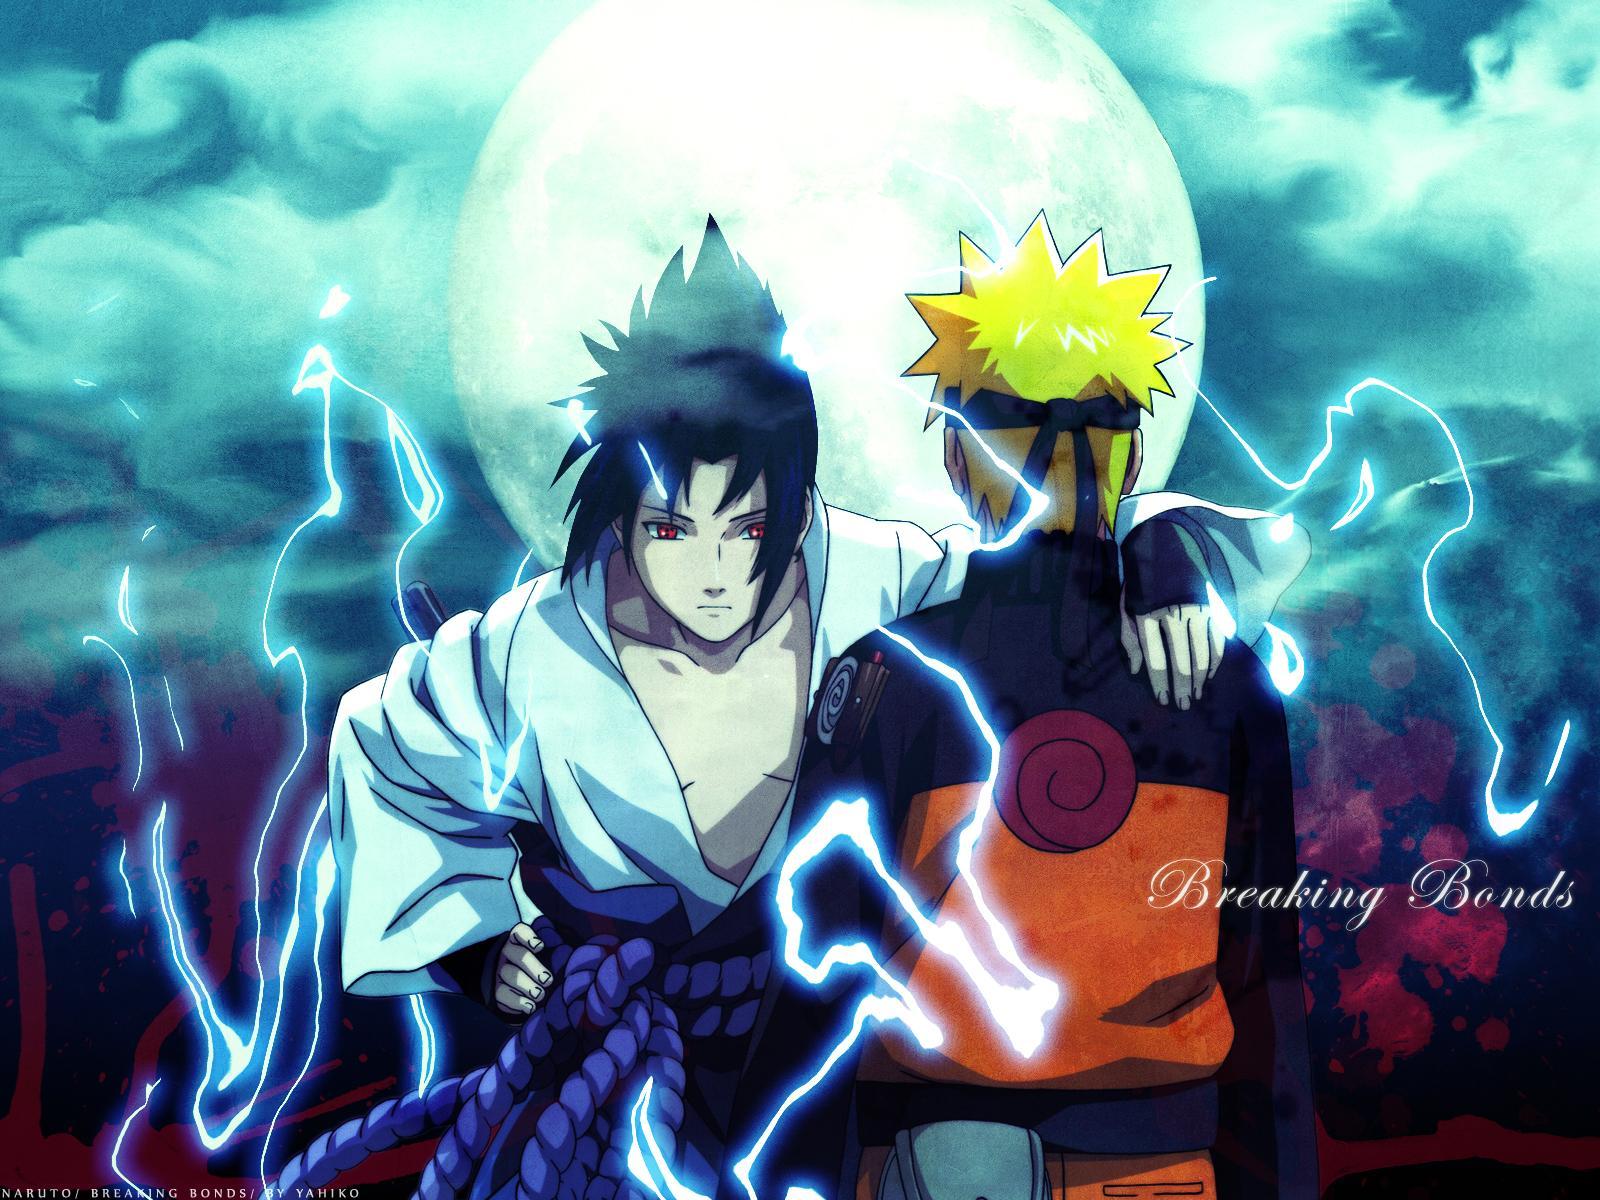 http://4.bp.blogspot.com/_iNCG1aR4ywM/TCCa51yaymI/AAAAAAAAAXQ/-0JSsLOrzFM/s1600/sasuke-naruto.jpg